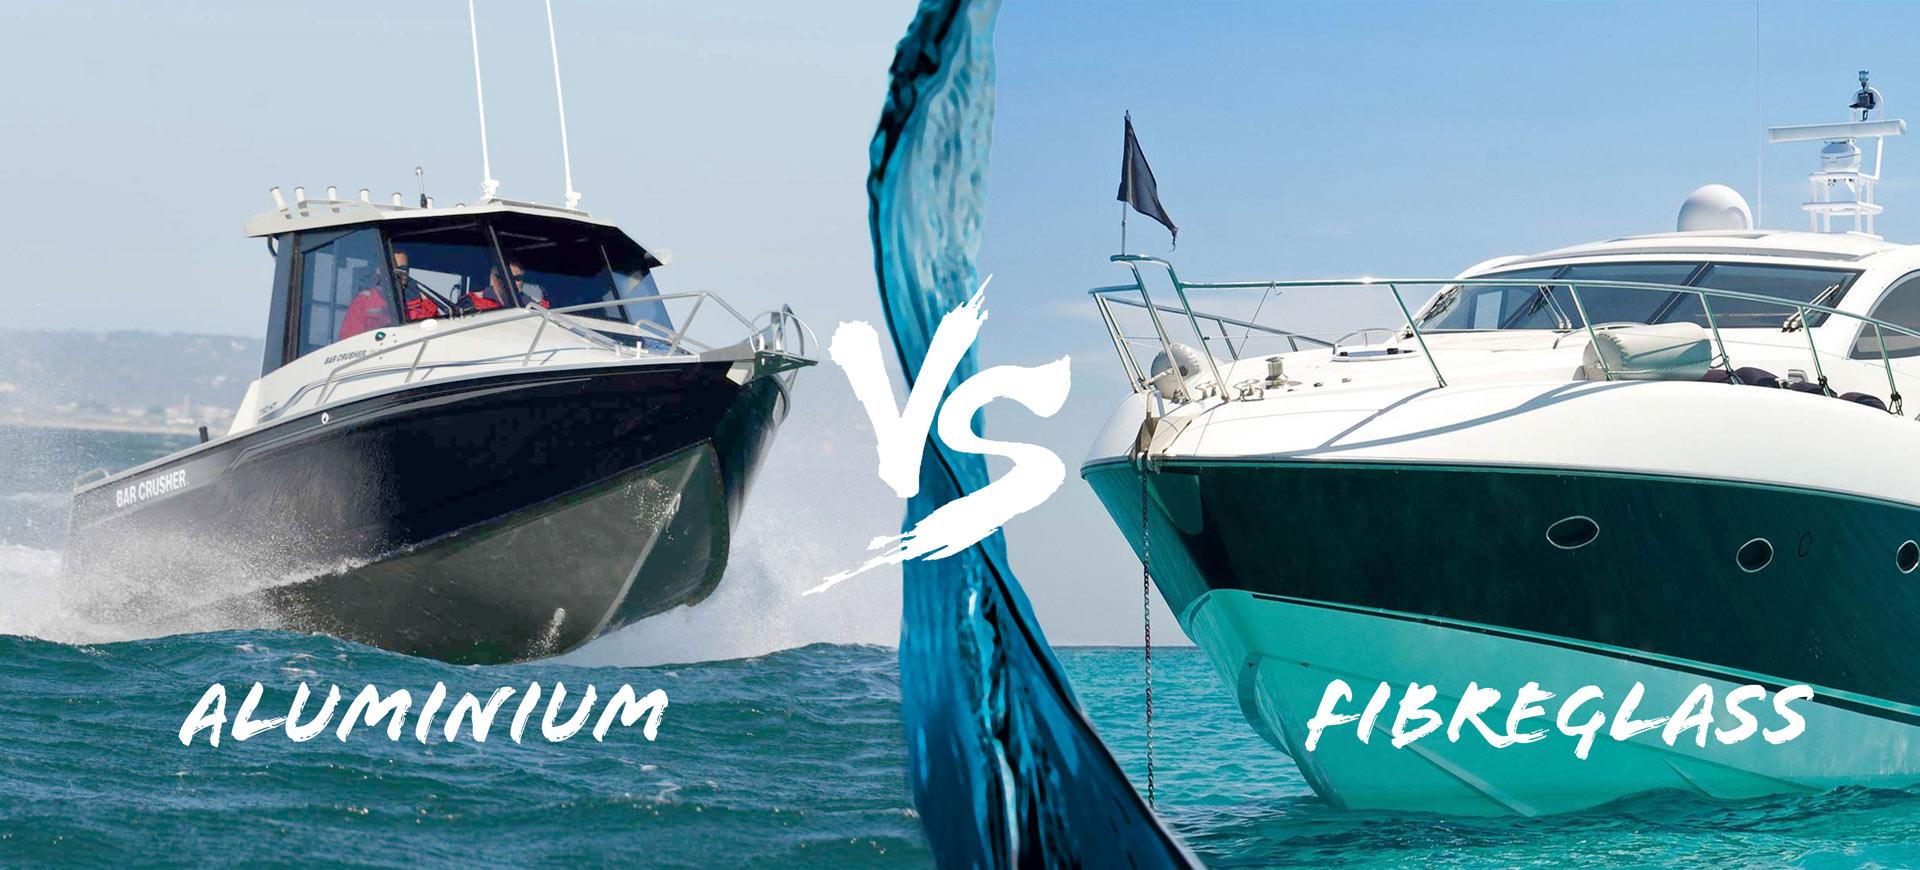 Aluminium vs Fibreglass Boats - 7 Points to Consider